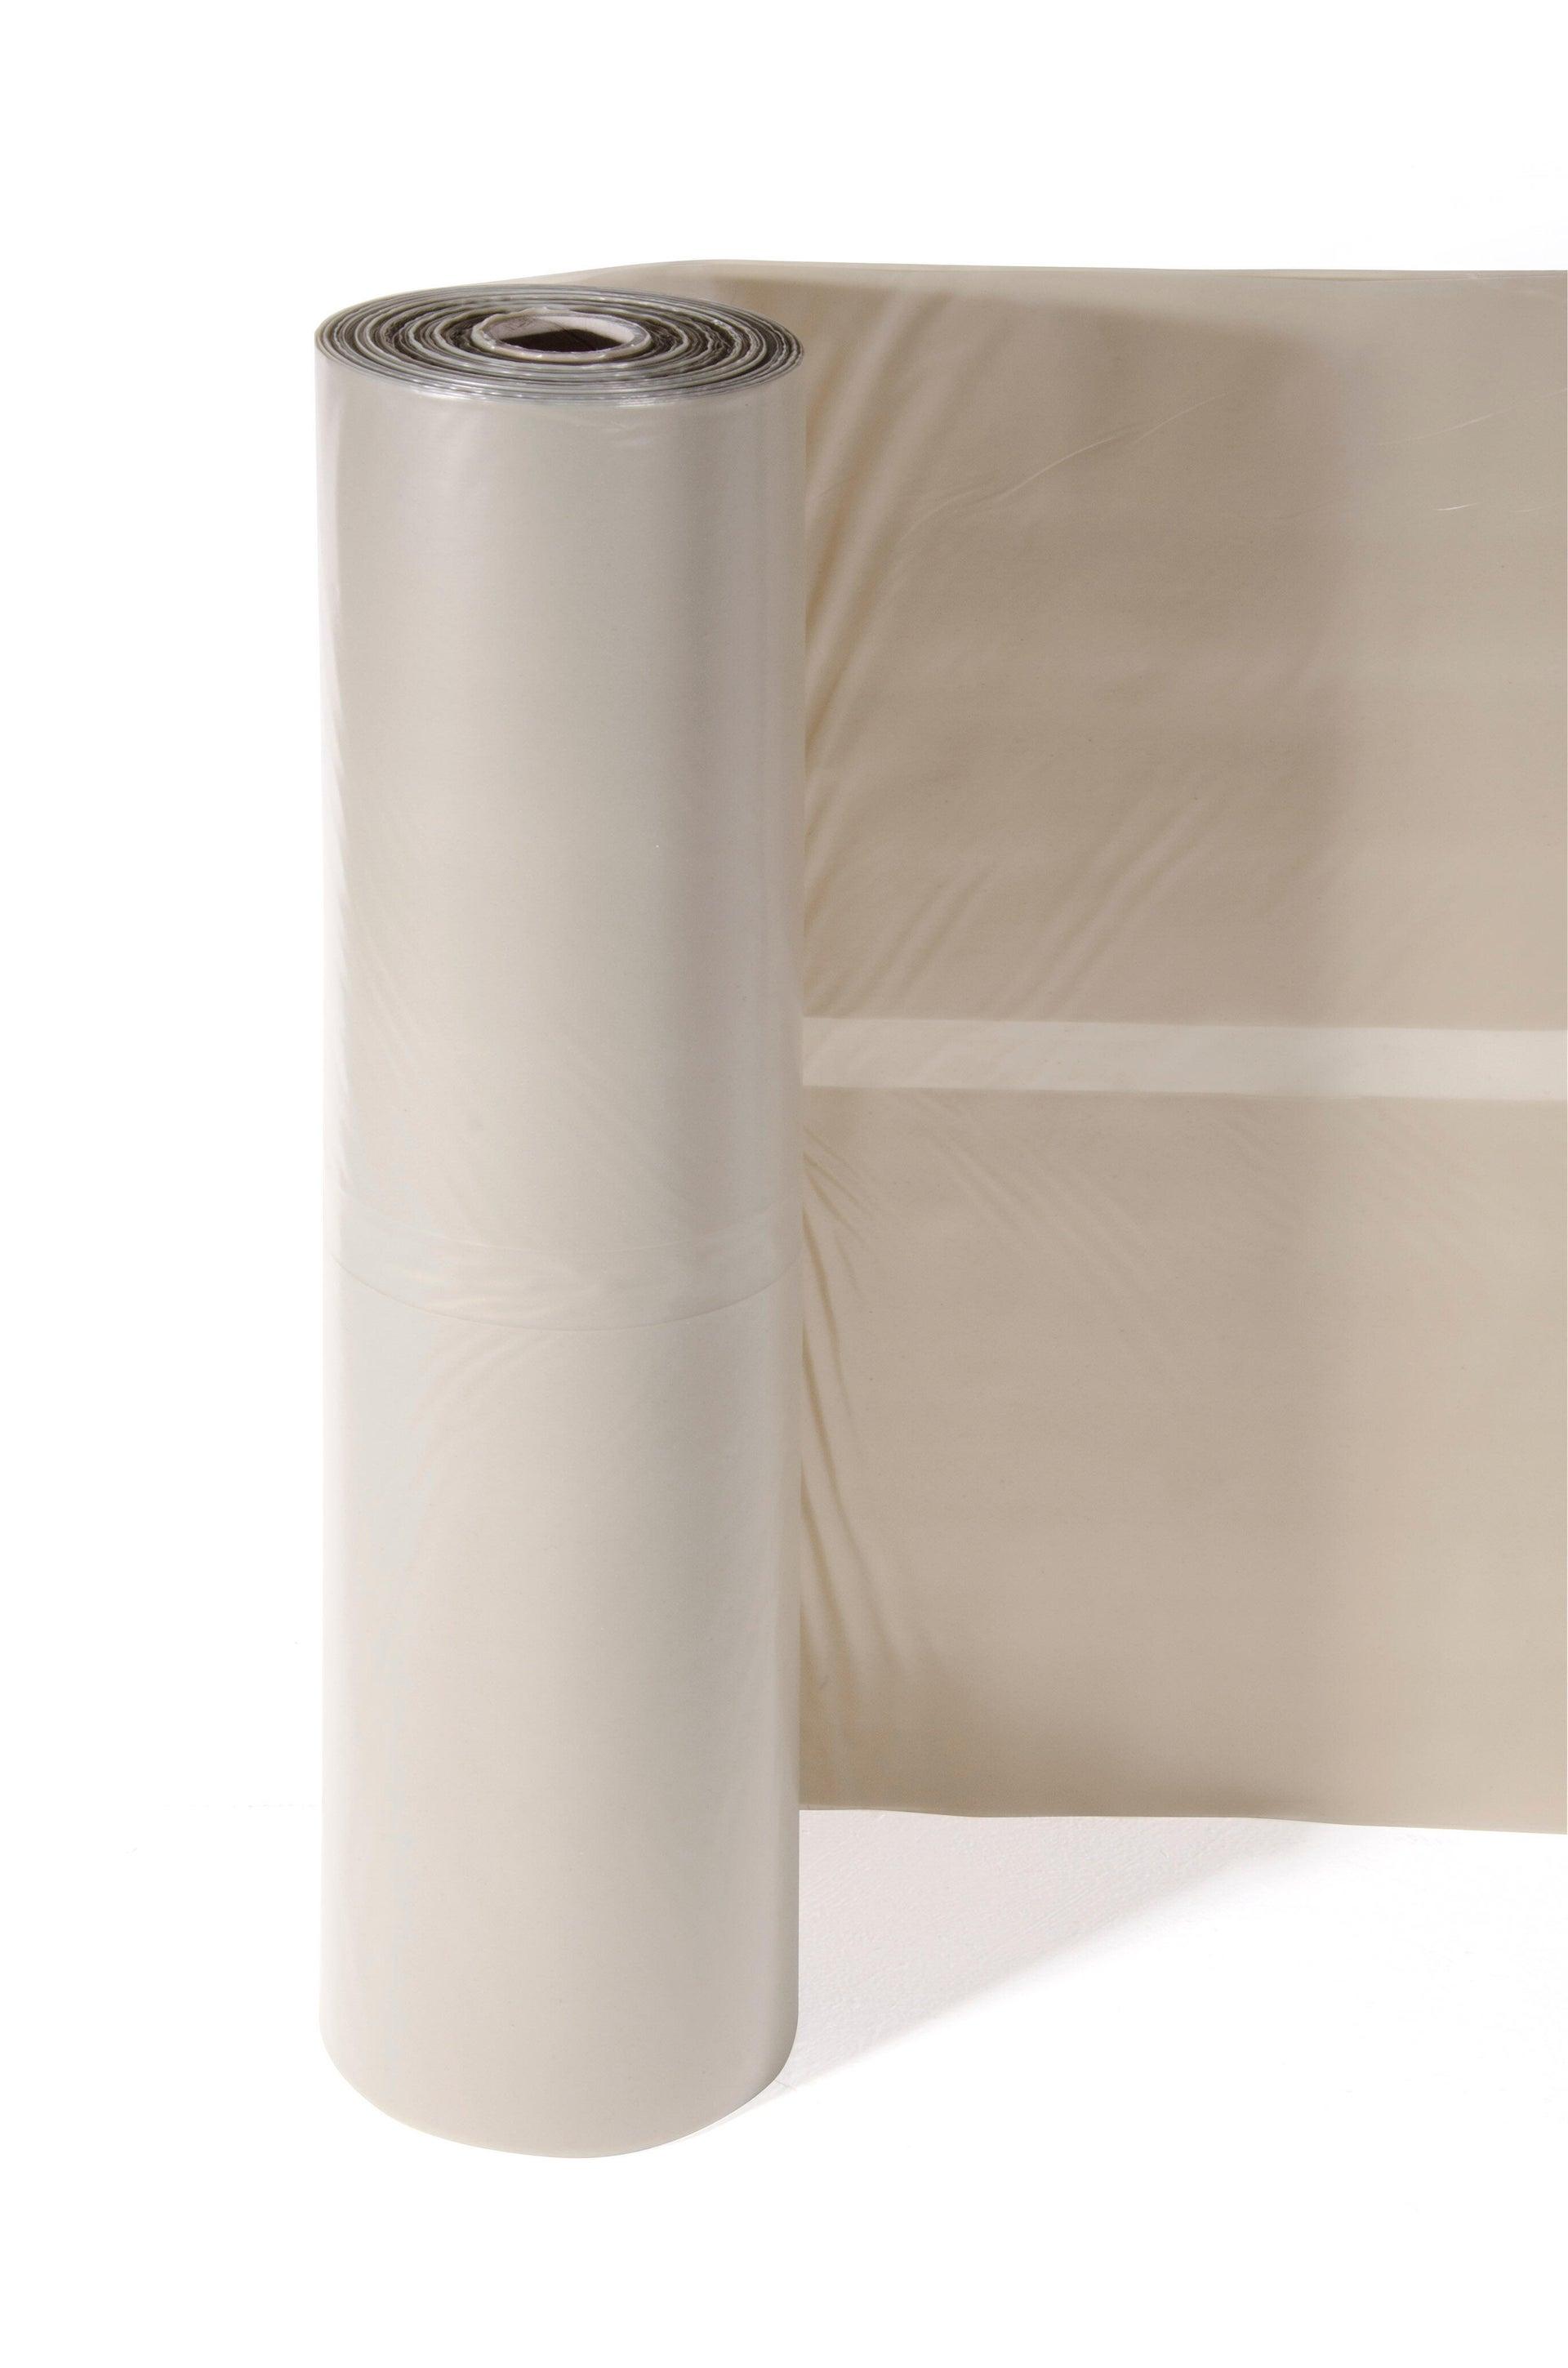 Pellicola protettiva in polietilene L 18 m x H 1800 cm 100 g/m² - 2